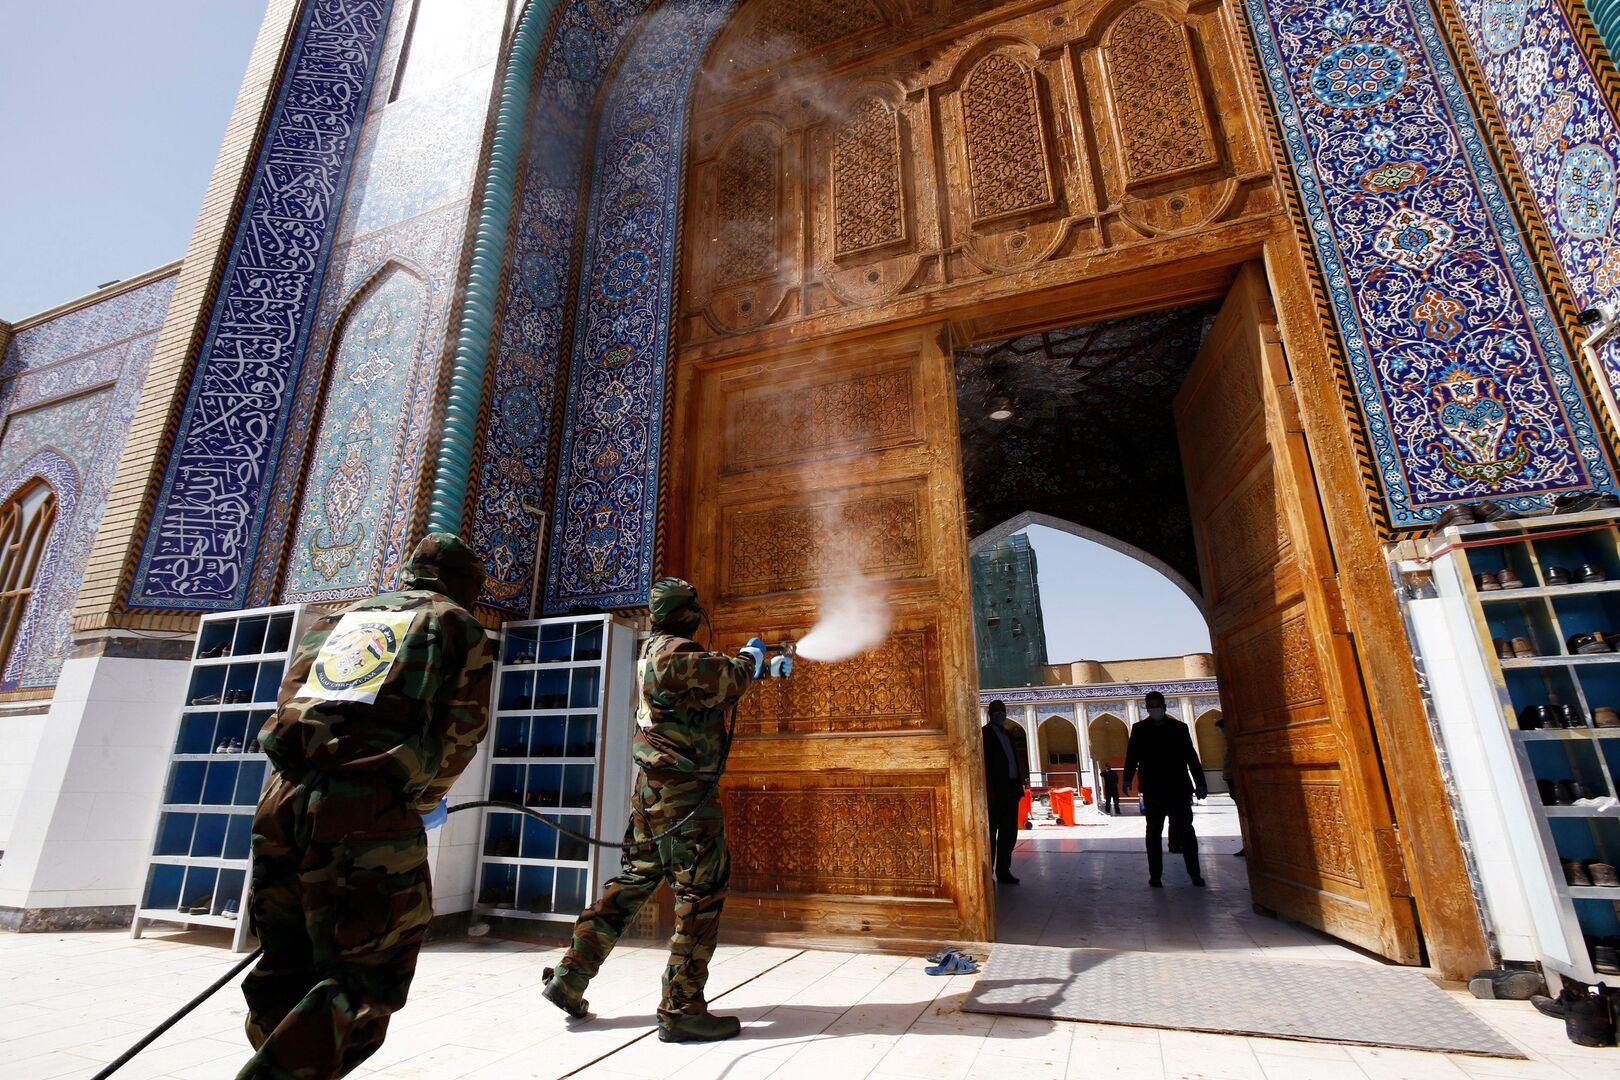 العراق يمنع جميع التجمعات ويدعو لتجنب التوافد لزيارة المدن والعتبات المقدسة بسبب كورونا